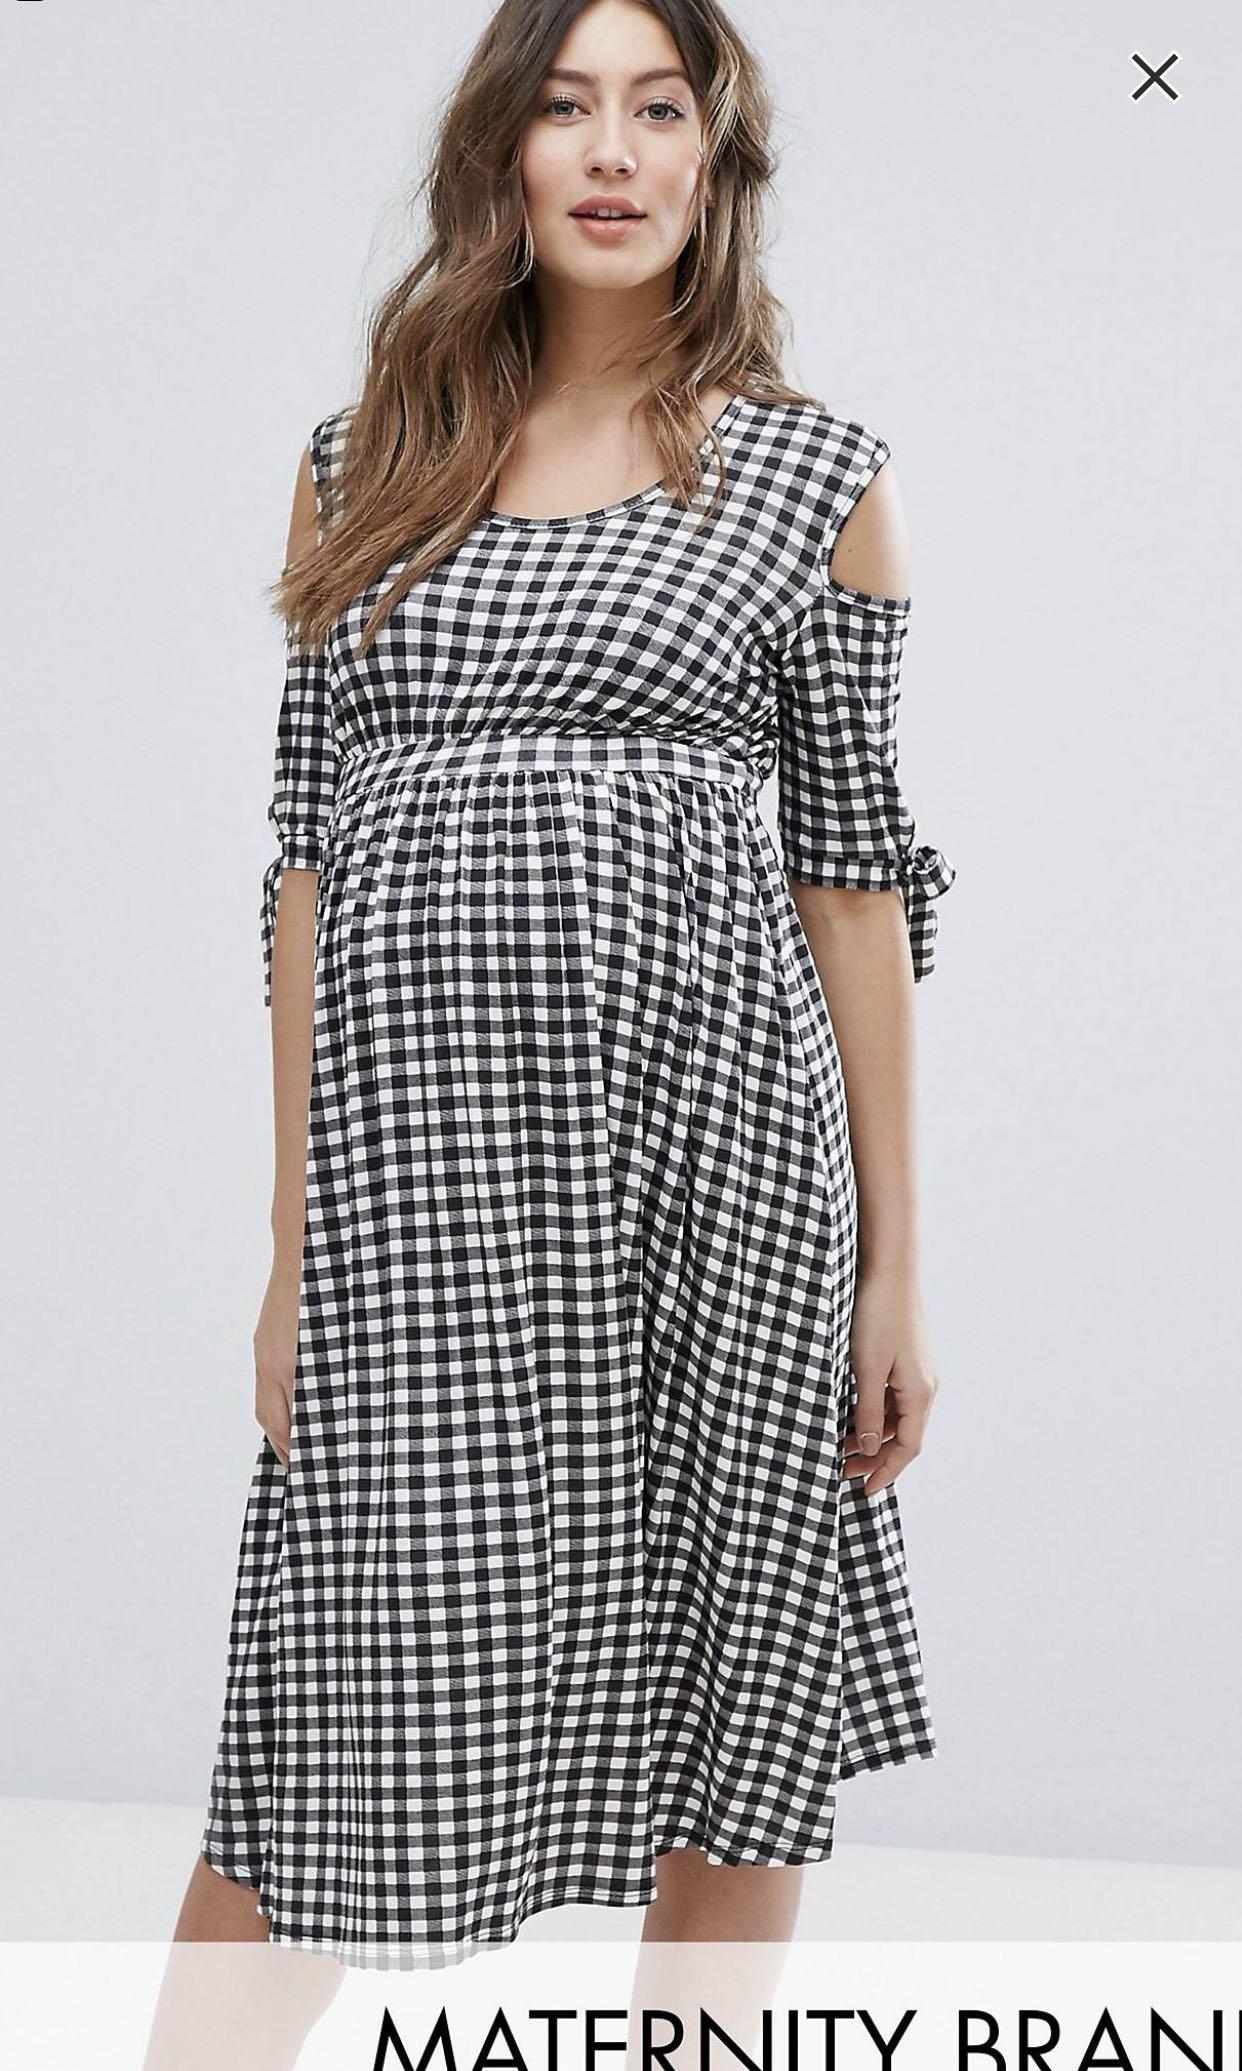 ee73836fcba Bluebell Gingham Maternity dress ASOS